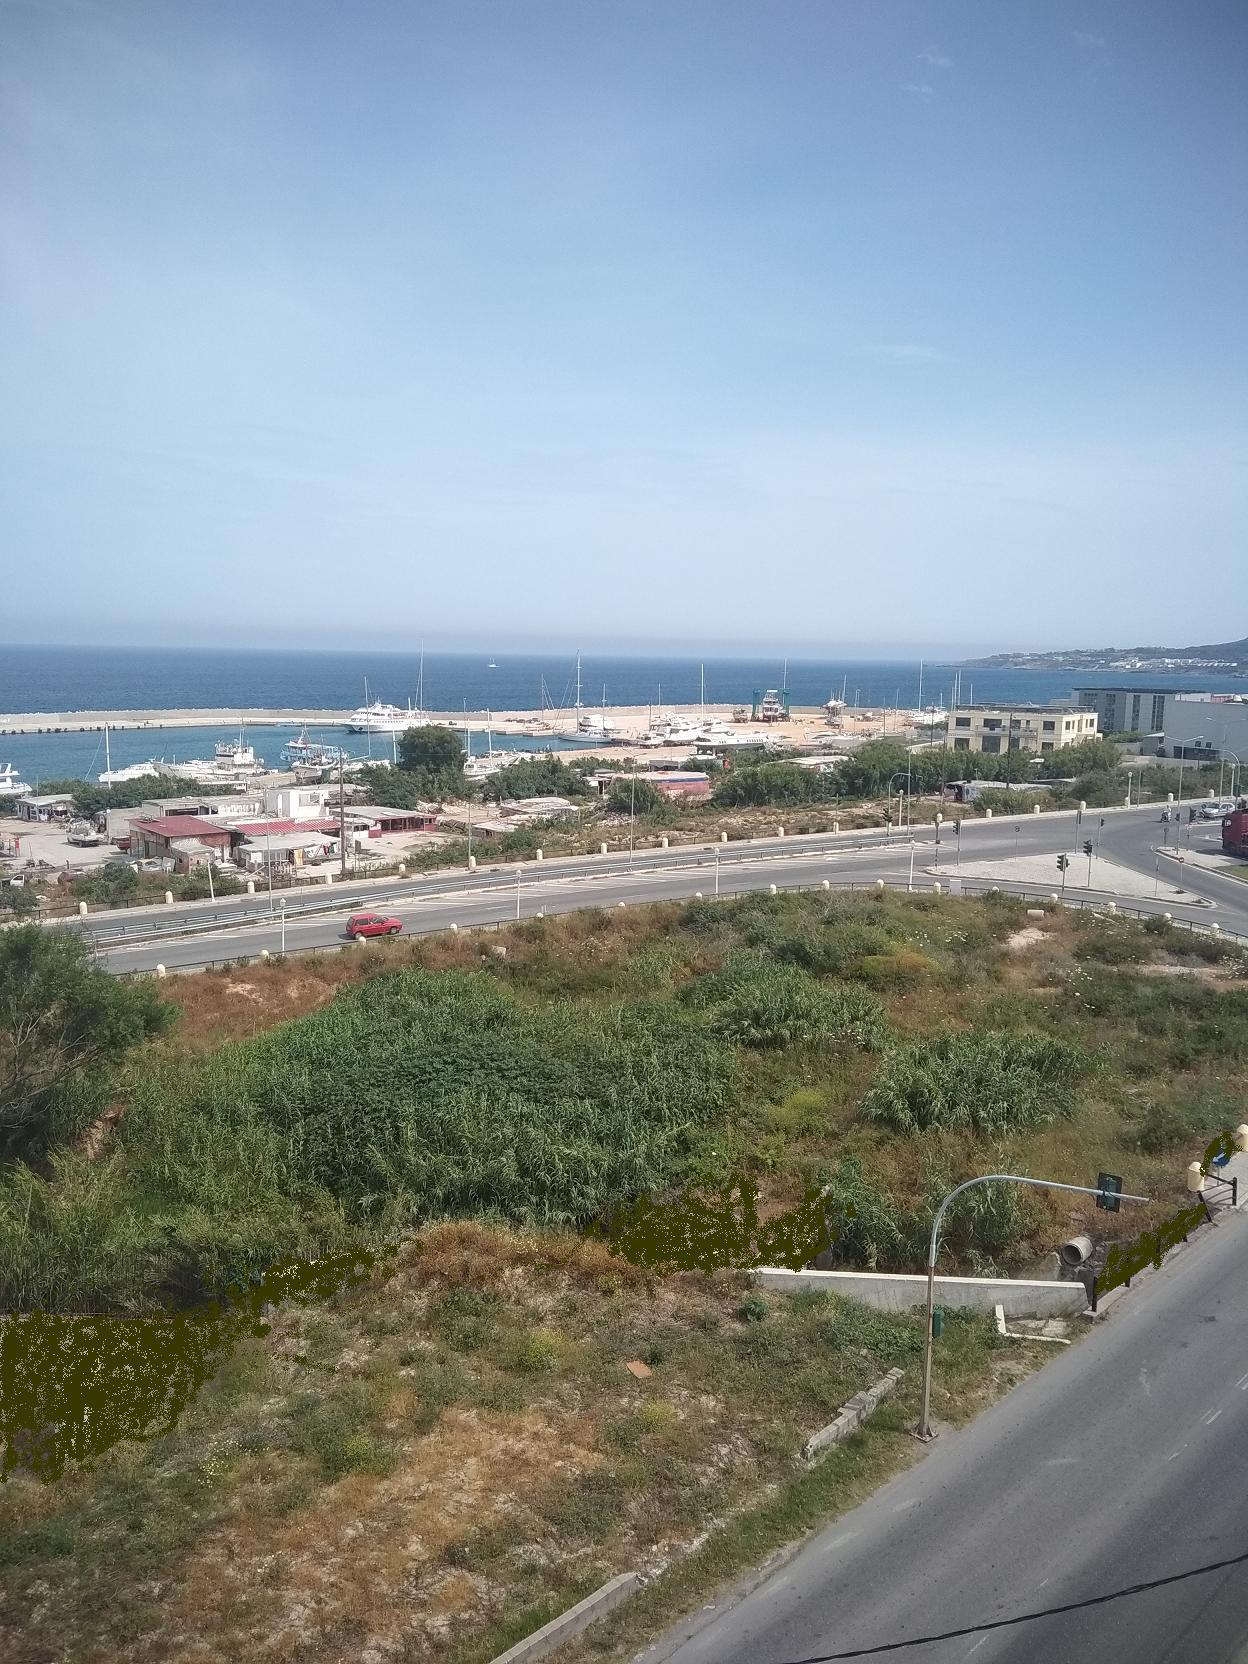 Διαμέρισμα με θέα θάλασσα , διαμπερές με (2) υπν, πόλη Ρόδου, APS-026888